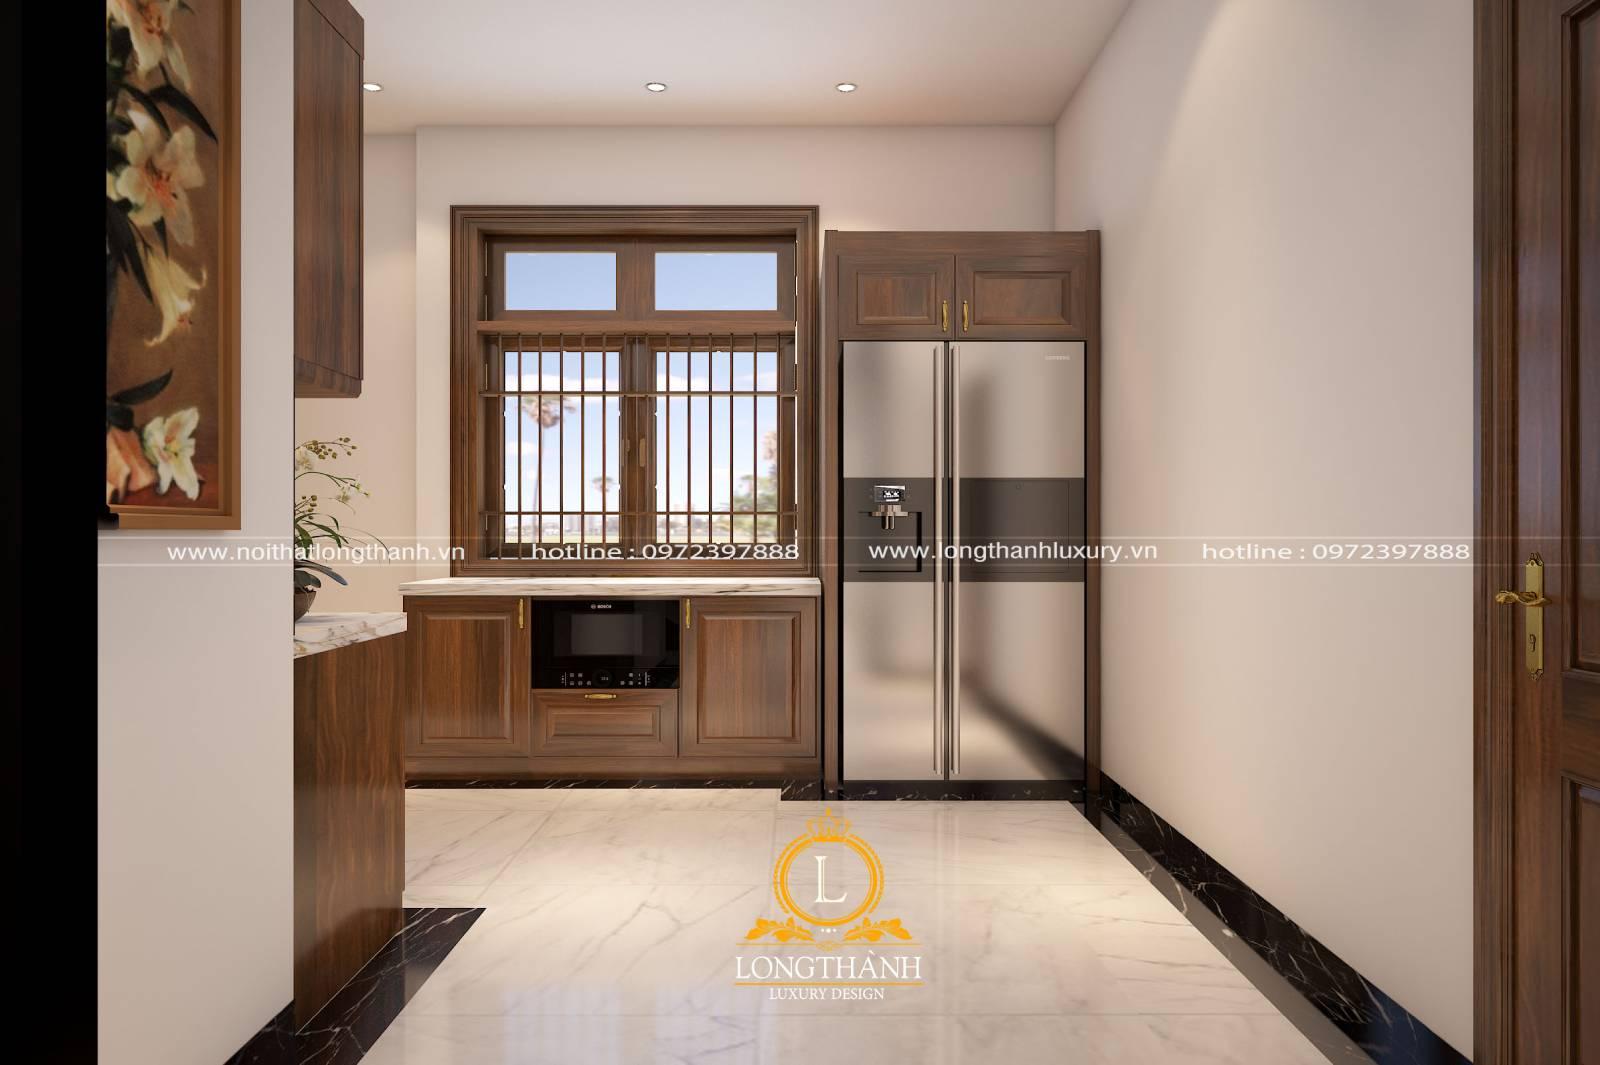 Trang trí tủ bếp gỗ Gõ đơn giản cho nhà chung cư